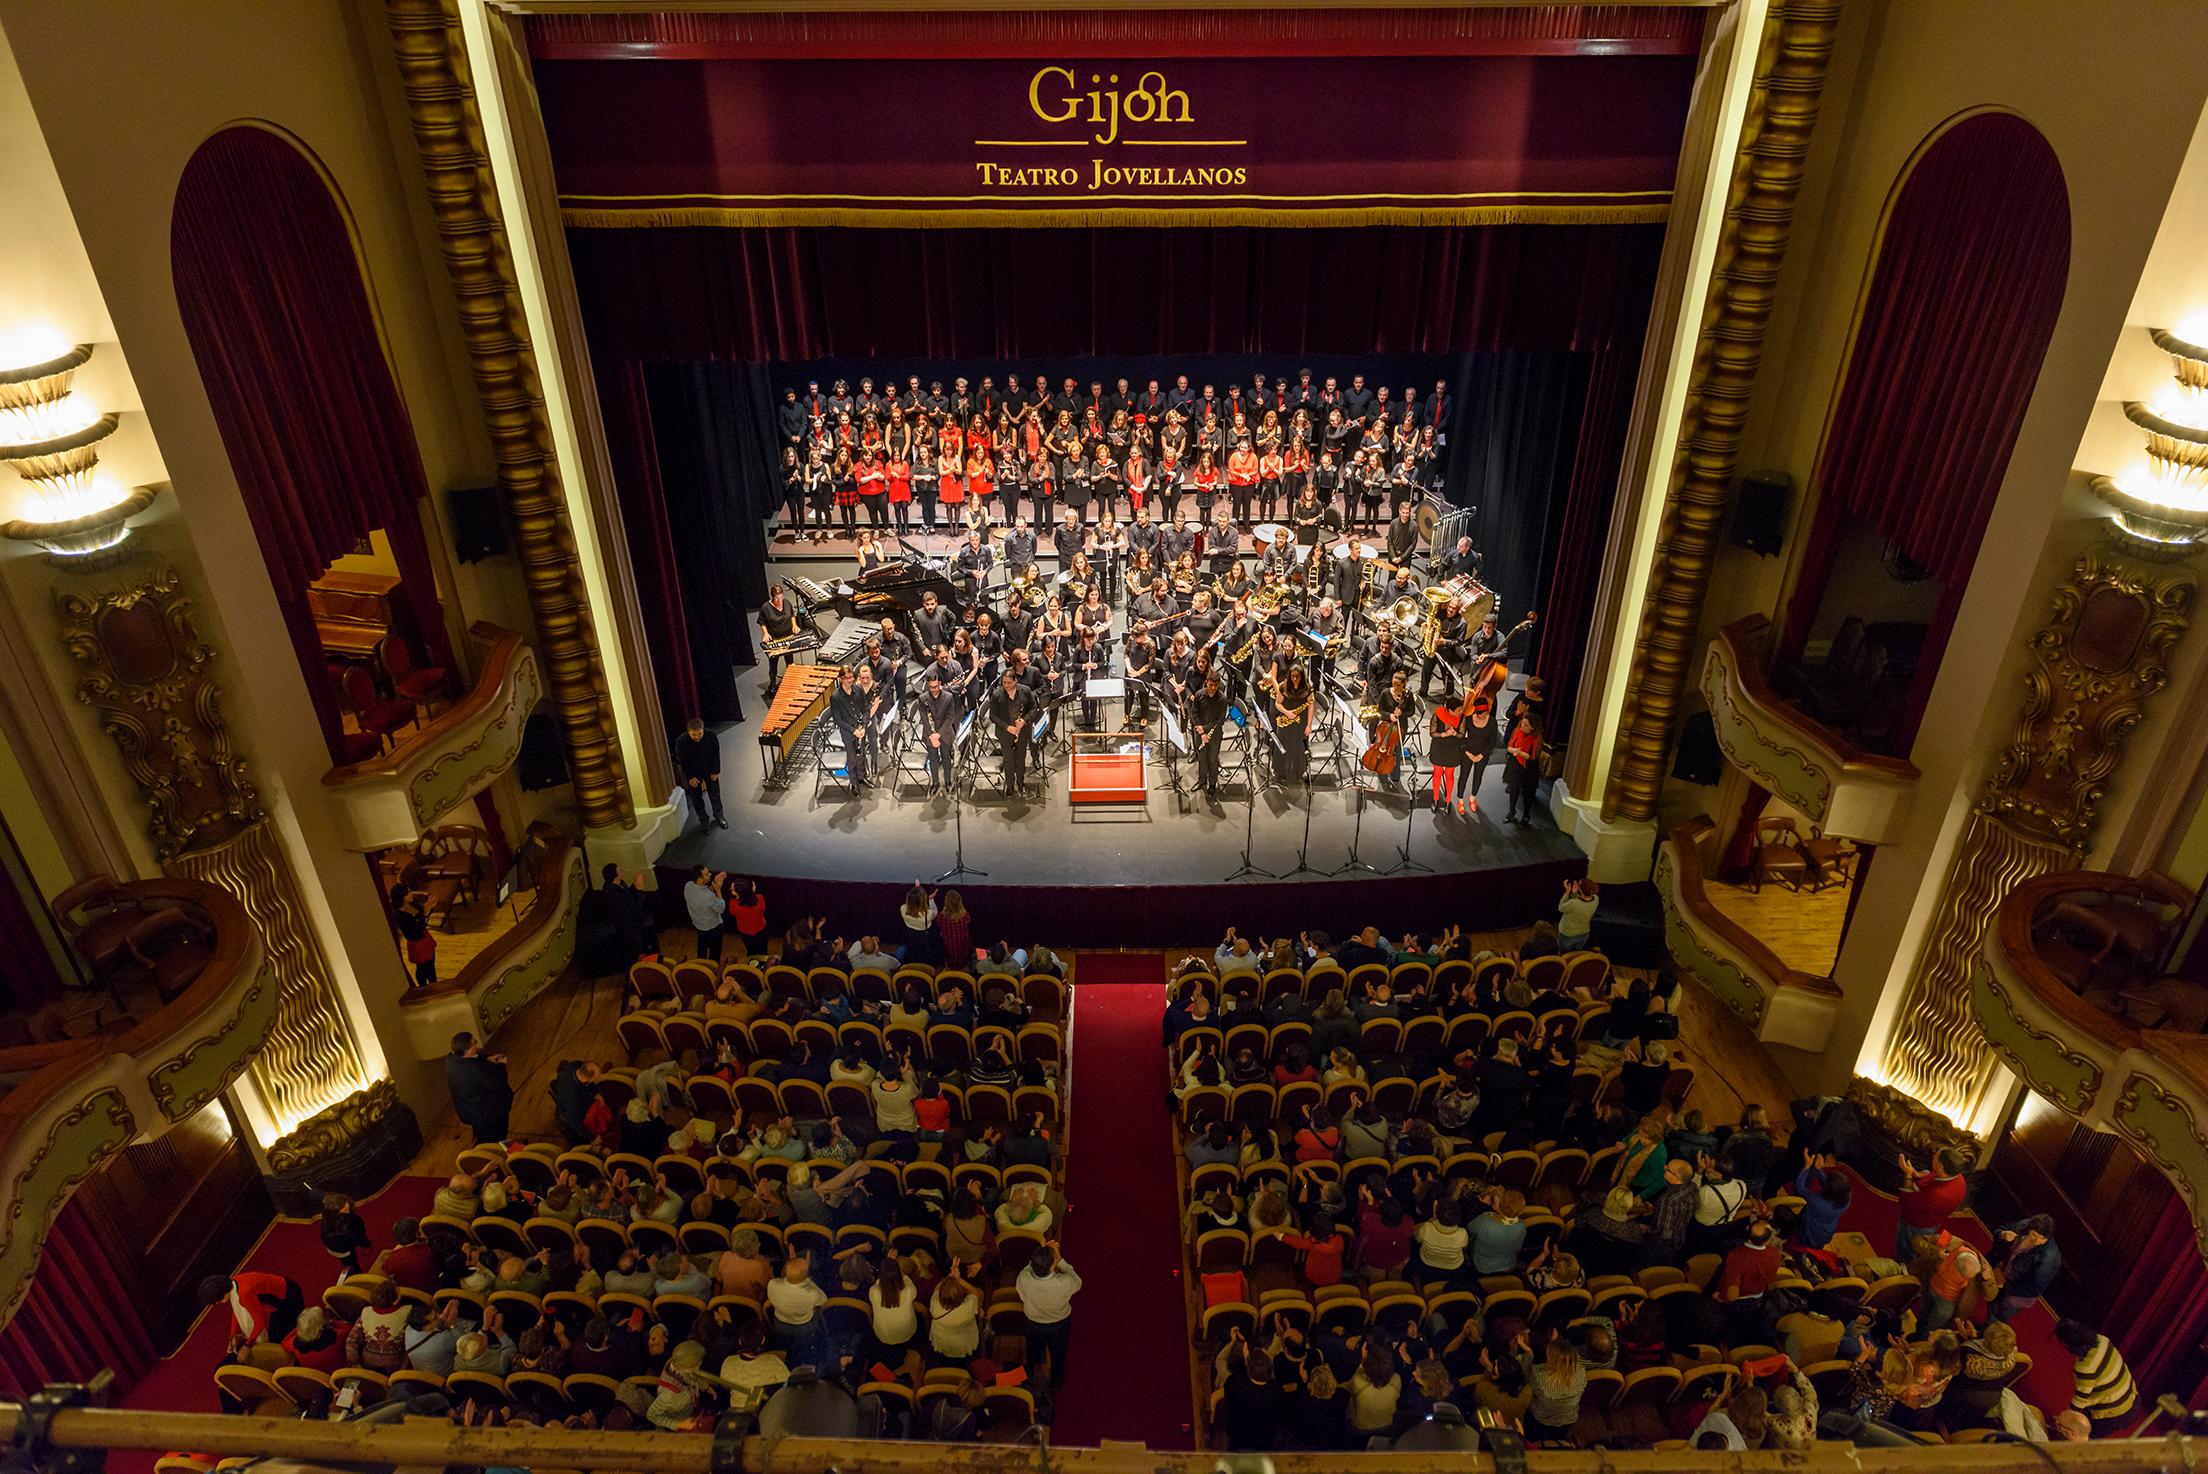 Banda de Música de Gijón en concierto en el Teatro Jovellanos de Gijón